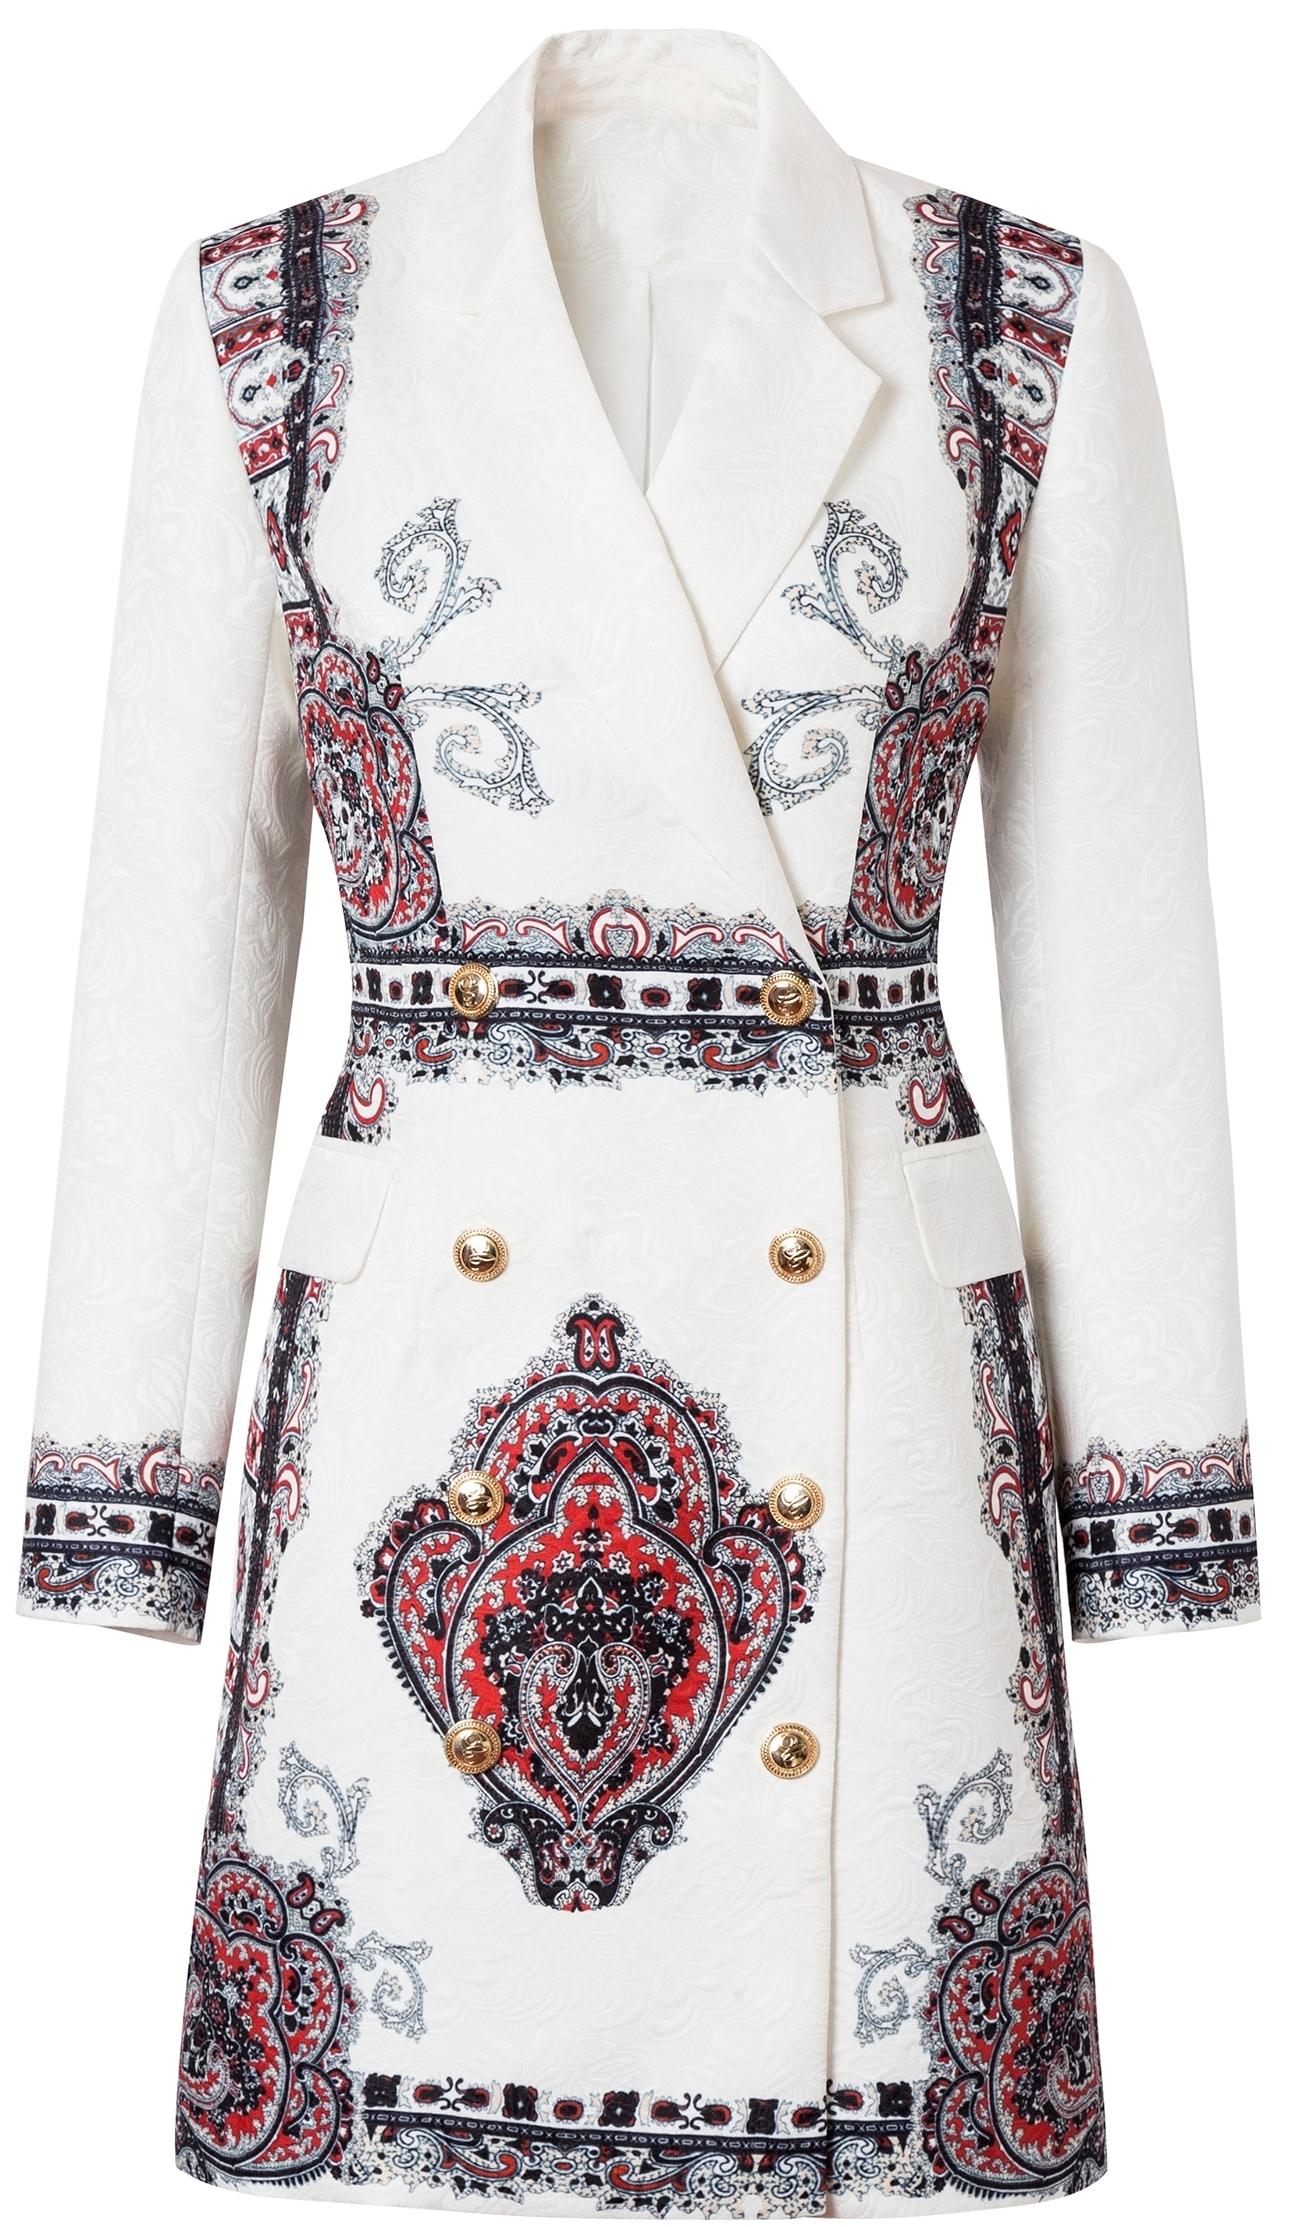 COMINO COUTURE WHITE BLAZER DRESS